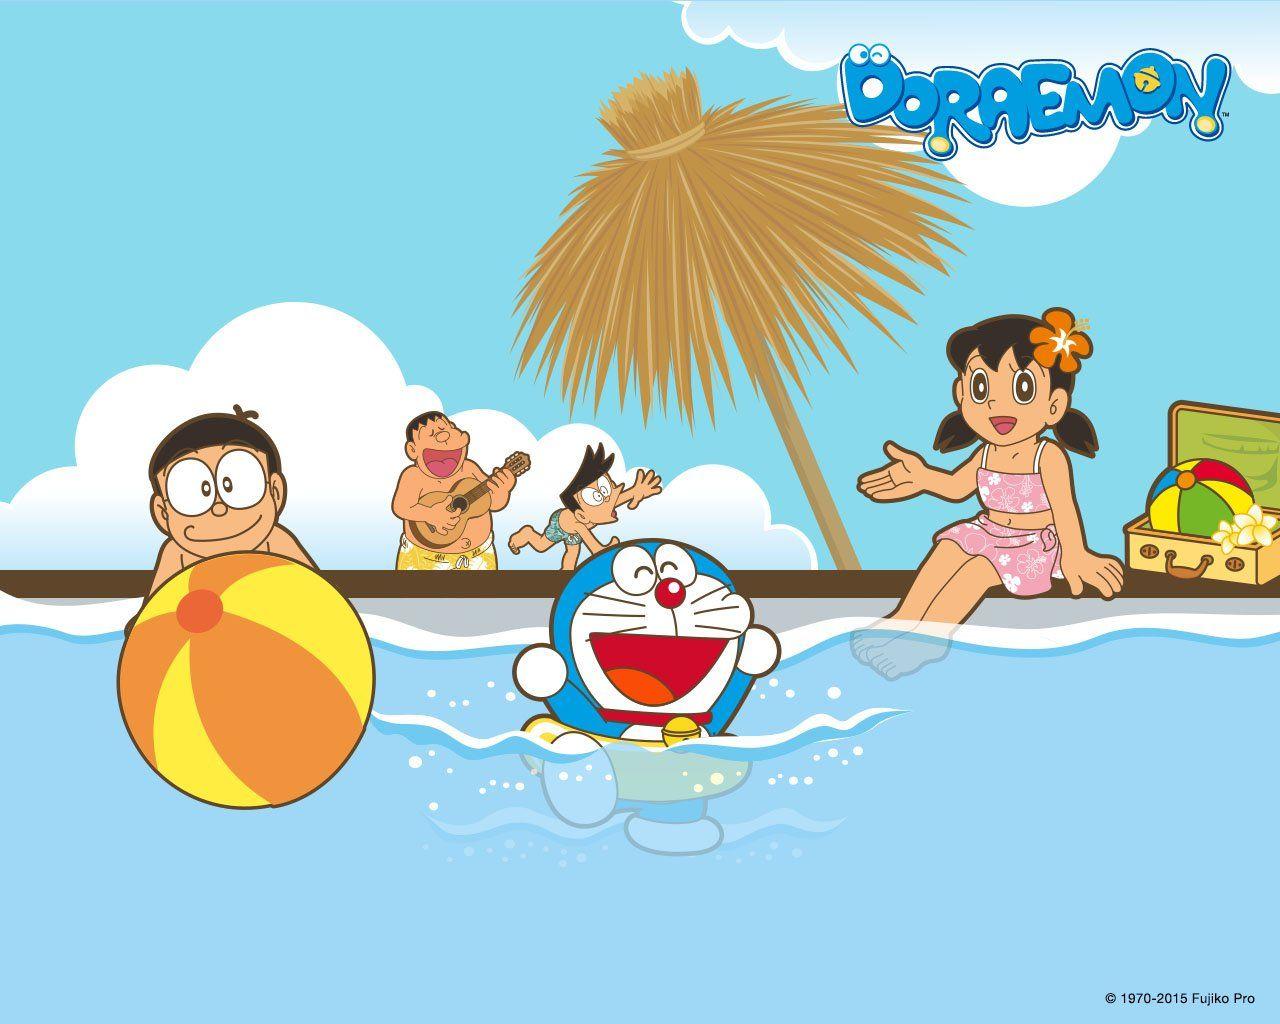 Wallpapers Doraemon Official Website Episodes Activities Videos Games Doraemon Wallpapers Hd Anime Wallpapers Doraemon Doraemon picture wall wallpaper price